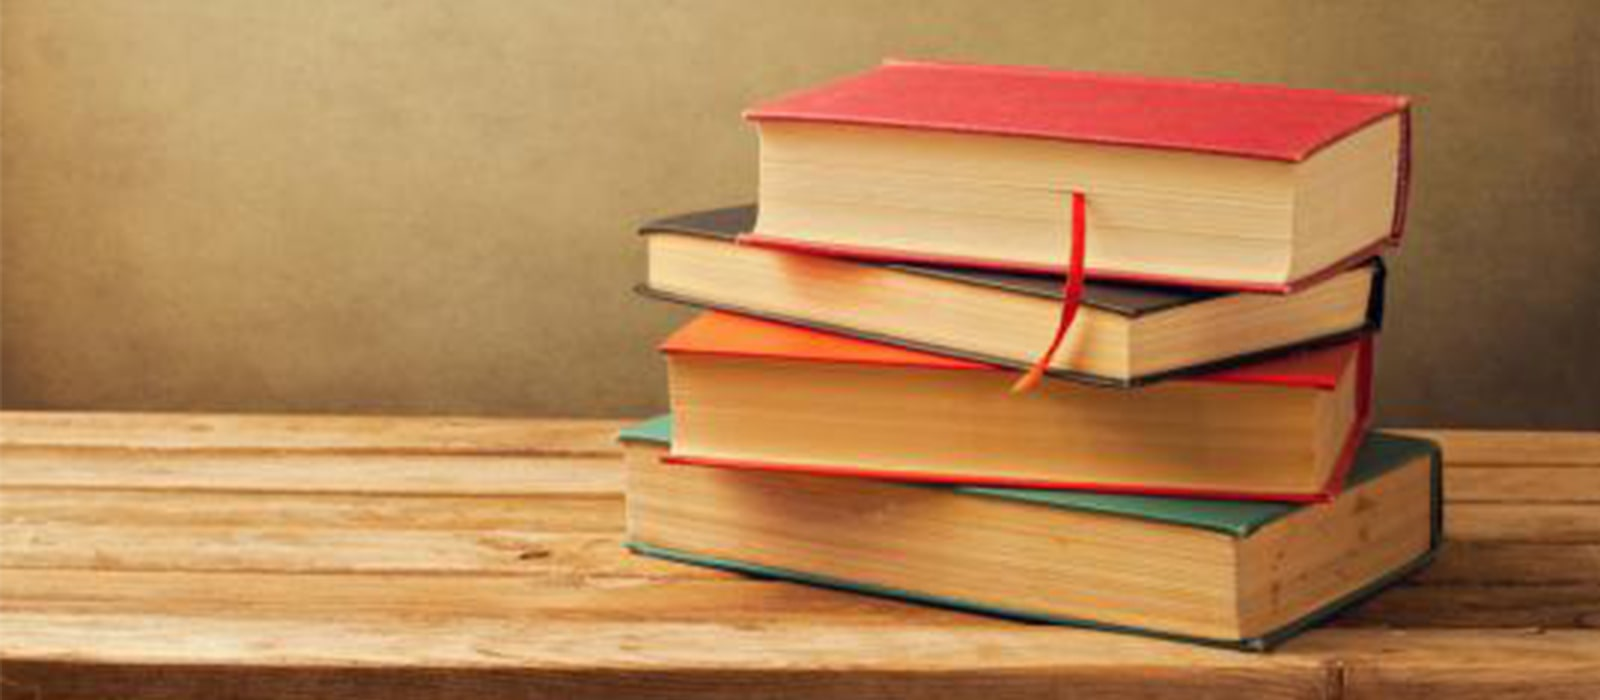 منابع یادگیری زبان برای کنکور سراسری